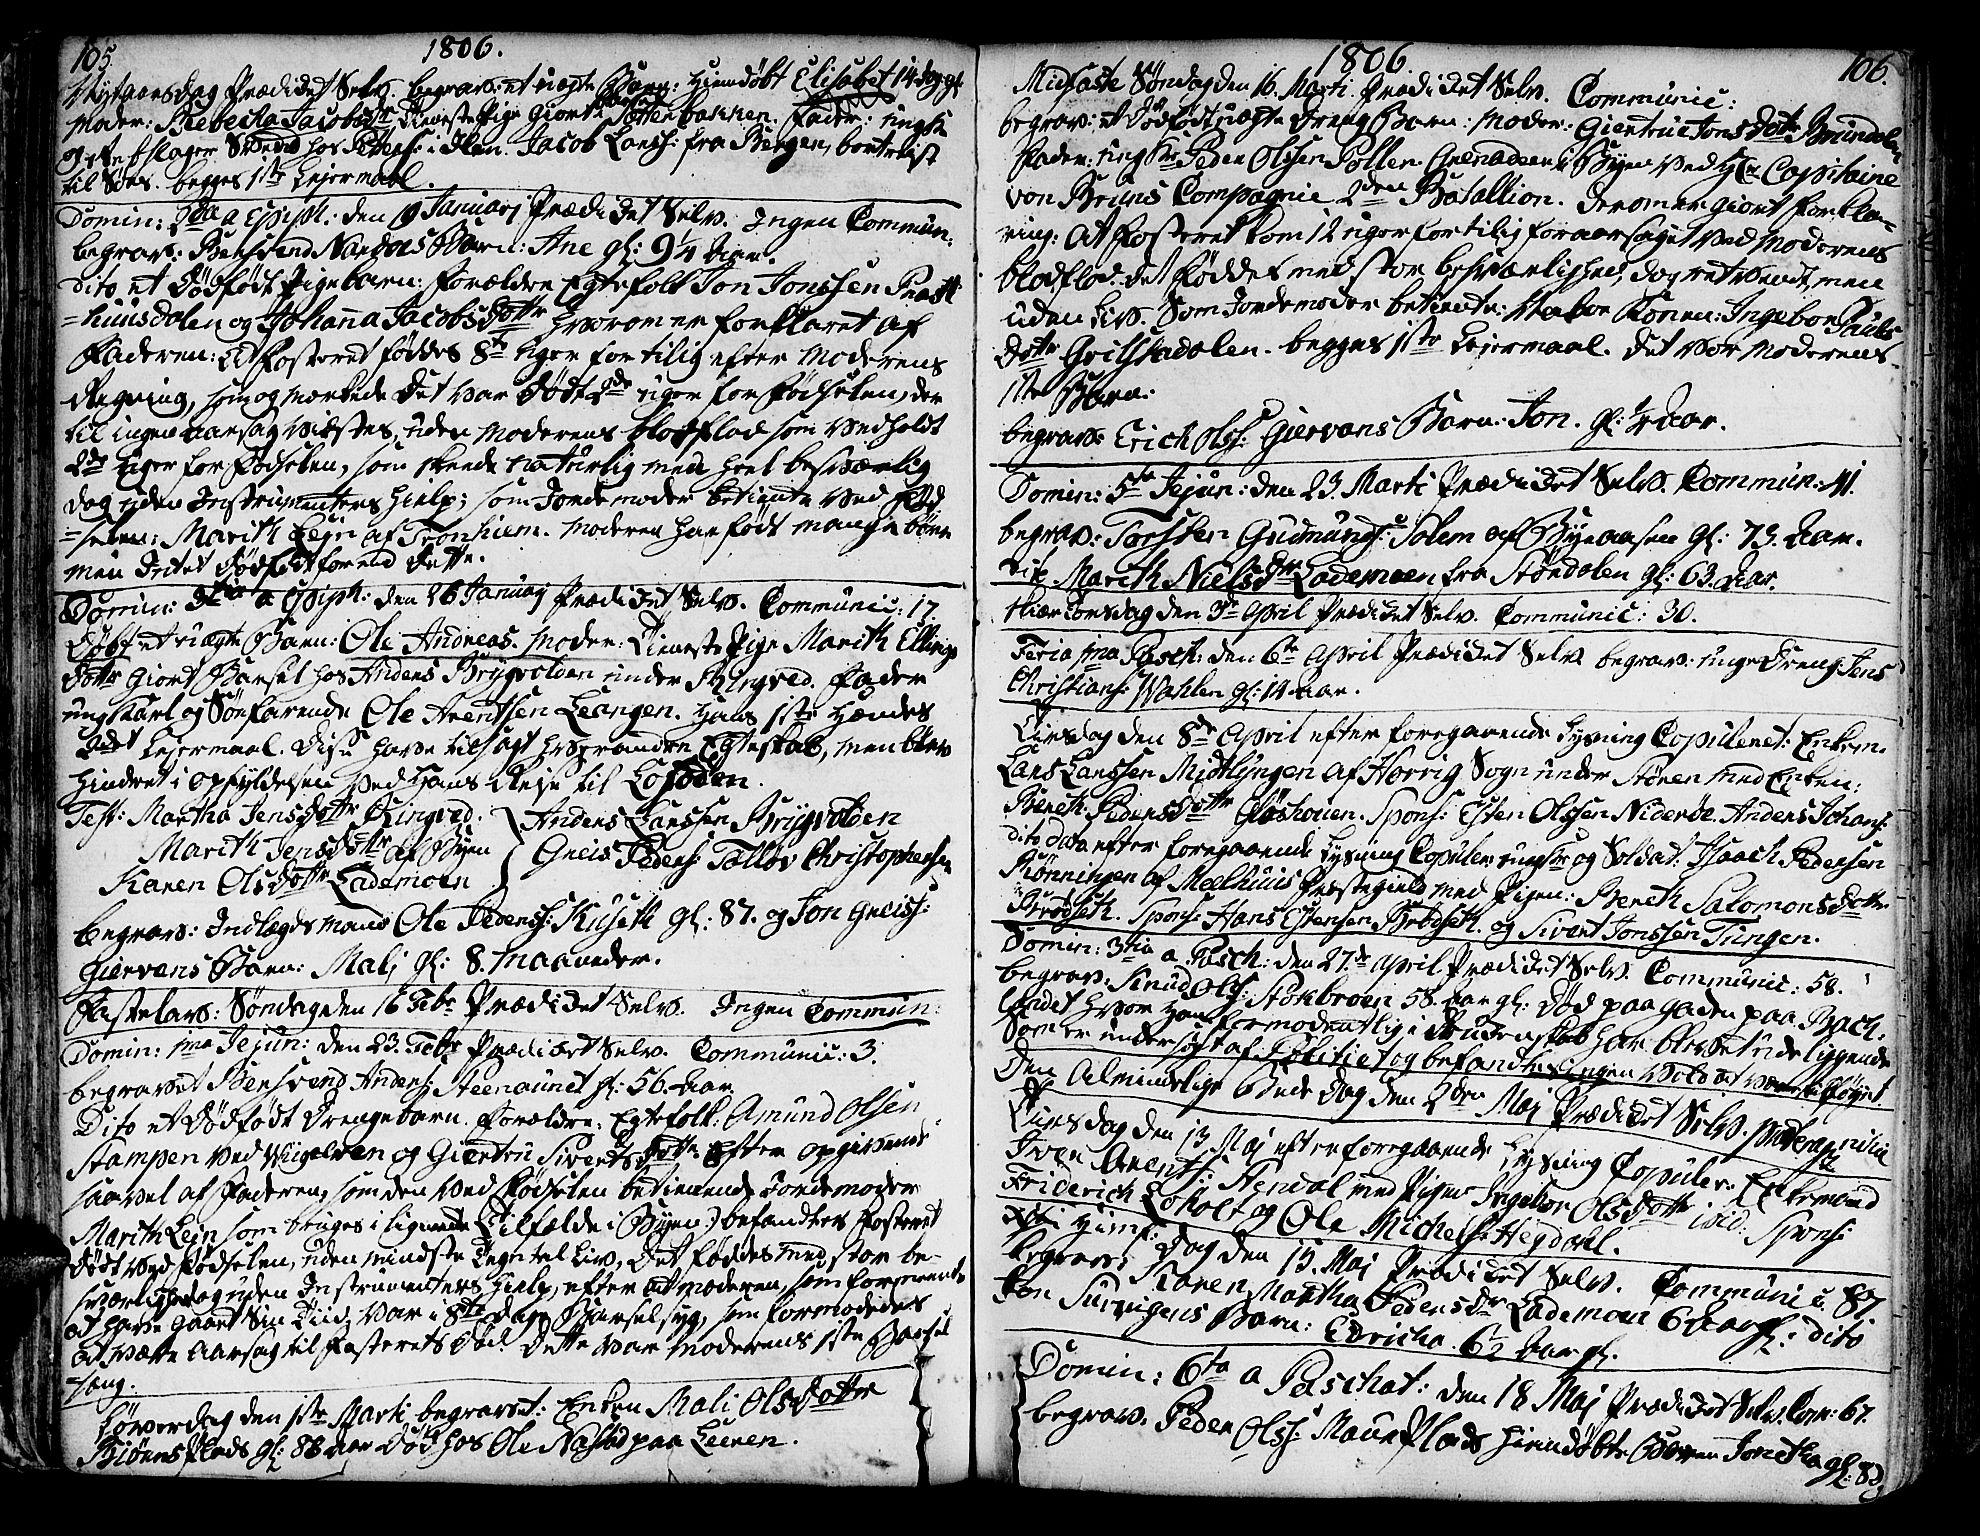 SAT, Ministerialprotokoller, klokkerbøker og fødselsregistre - Sør-Trøndelag, 606/L0280: Ministerialbok nr. 606A02 /1, 1781-1817, s. 105-106